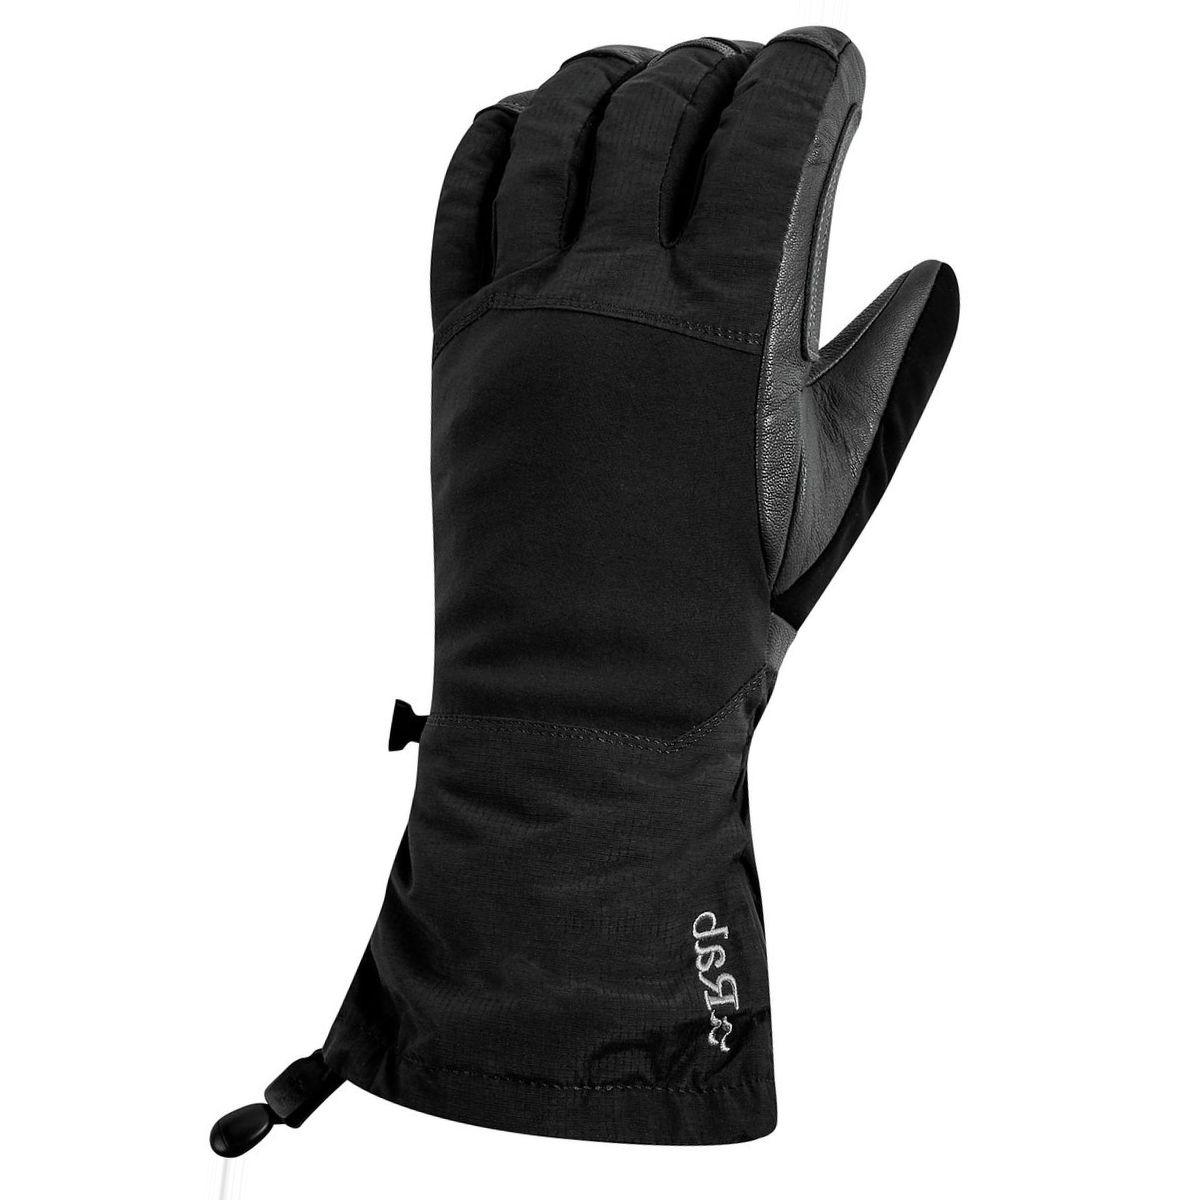 Rab Blizzard Glove - Men's